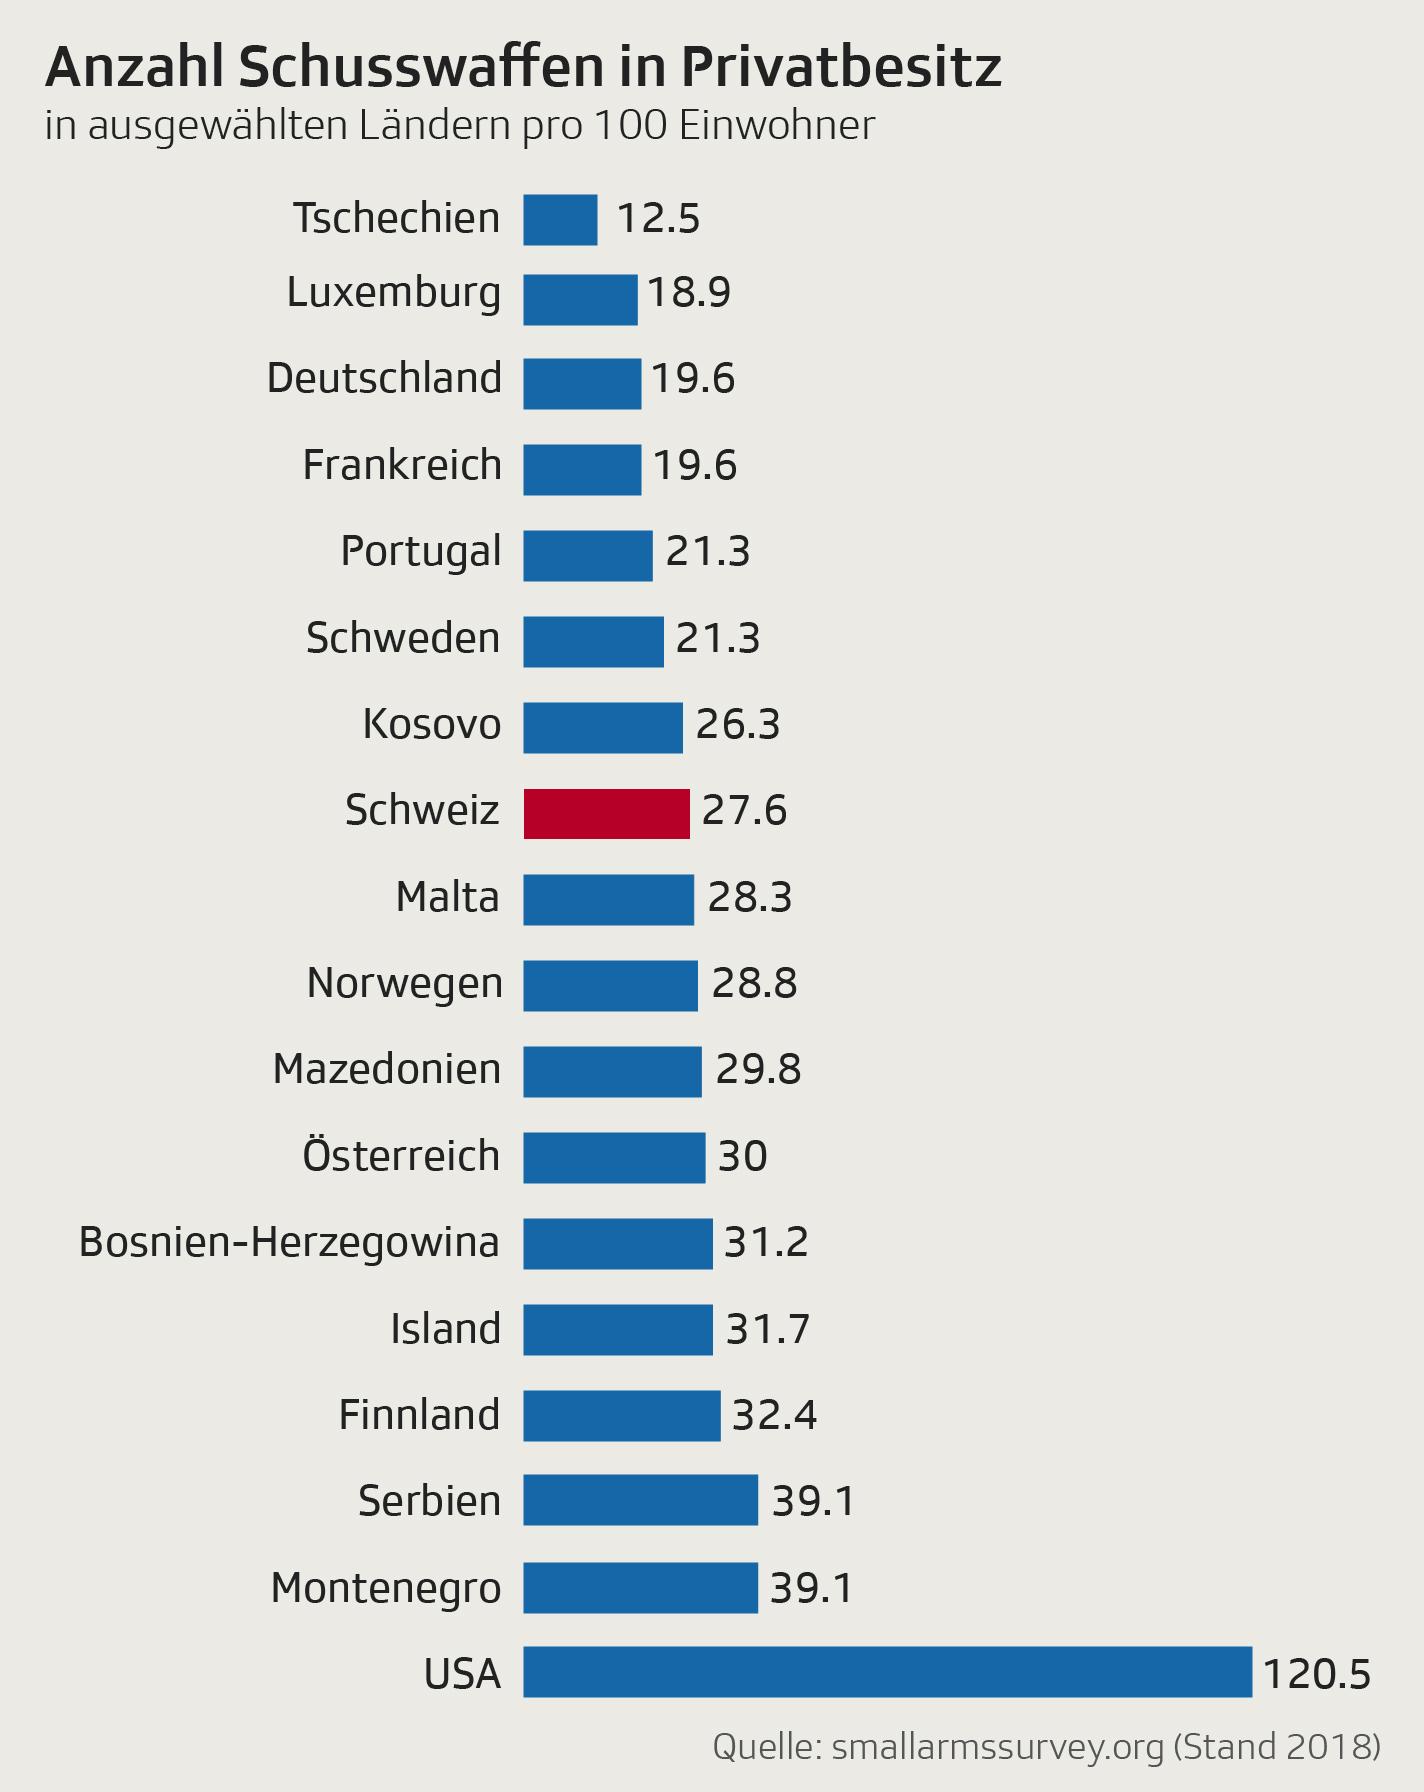 Anzahl Schusswaffen in Privatbesitz in ausgewählten Ländern